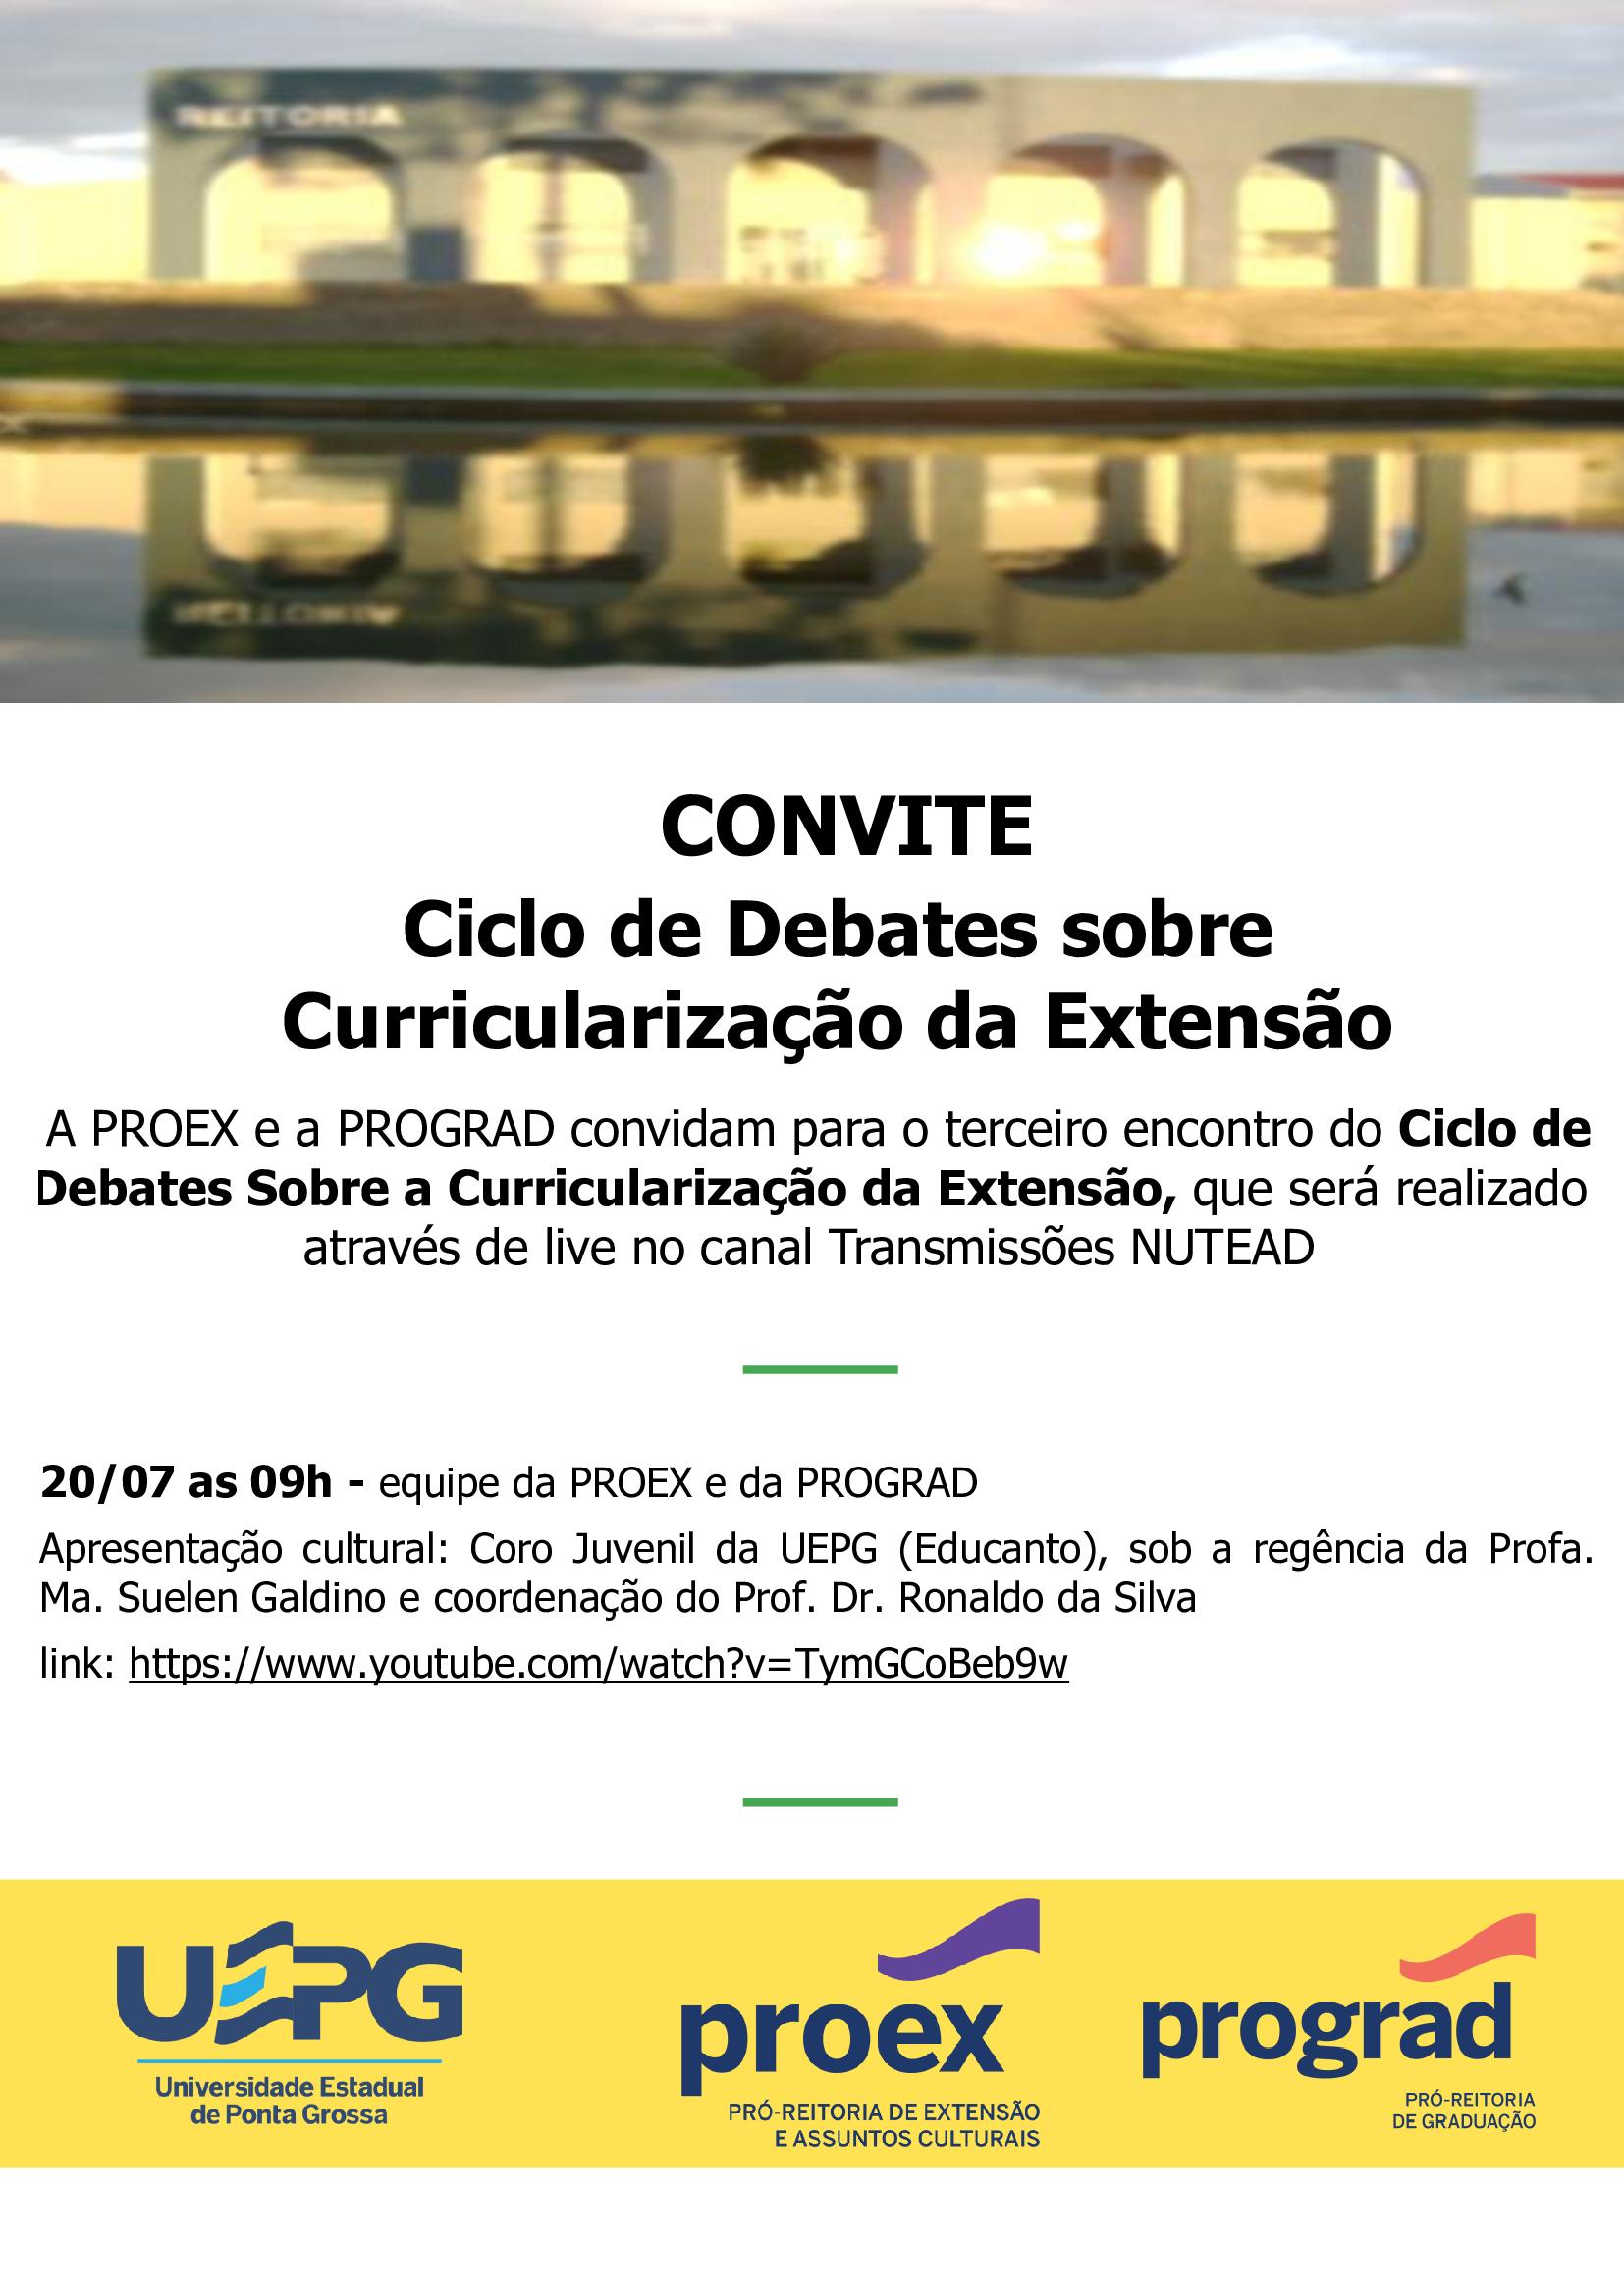 Terceiro Encontro do Ciclo de Debates Sobre a Curricularização da Extensão